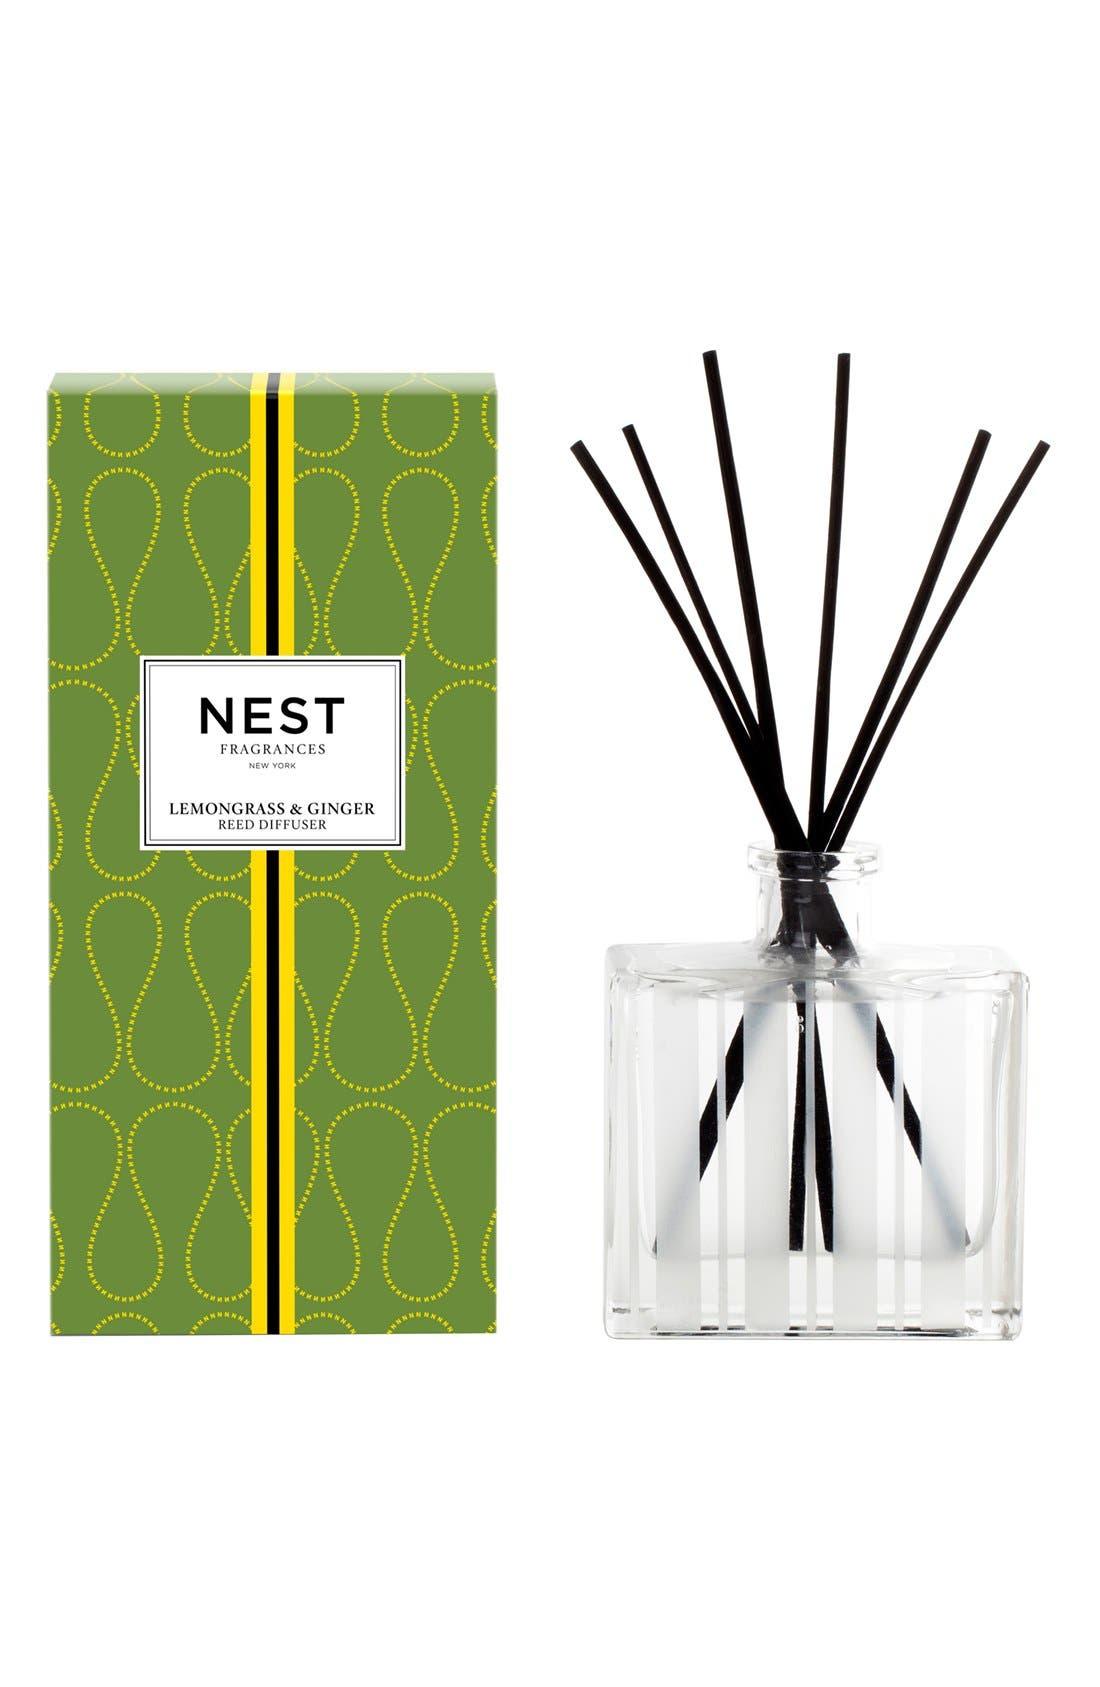 NEST Fragrances 'Lemongrass & Ginger' Reed Diffuser